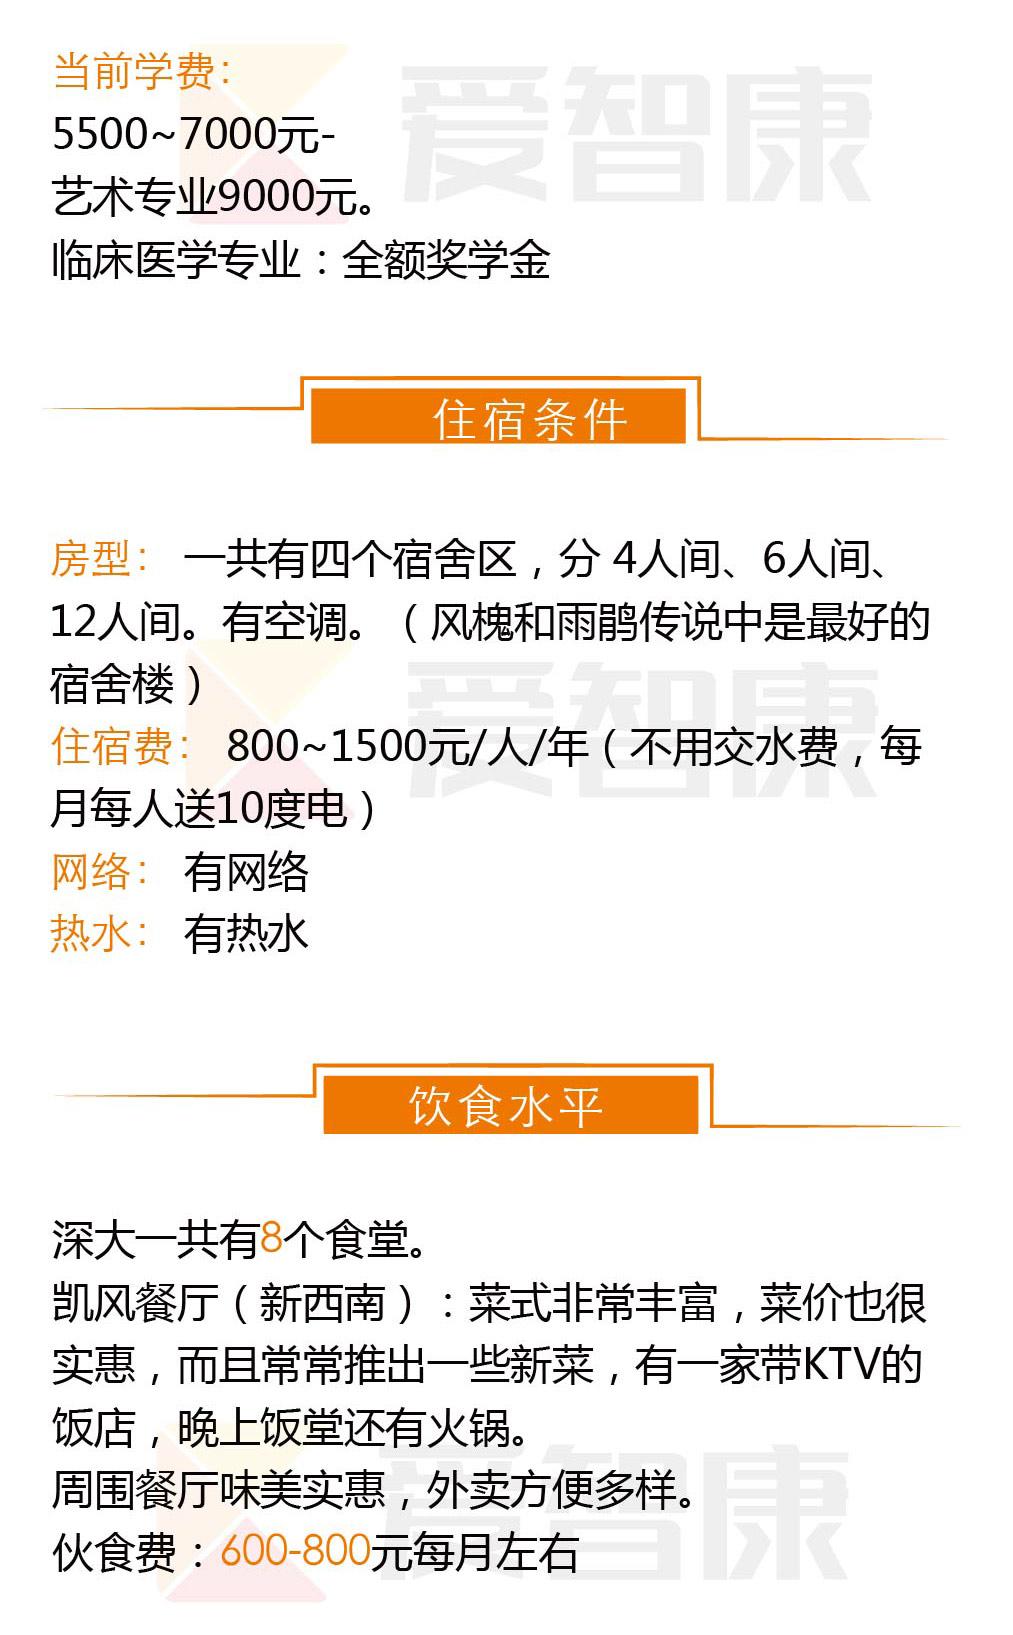 深圳大学住宿条件及饮食水平